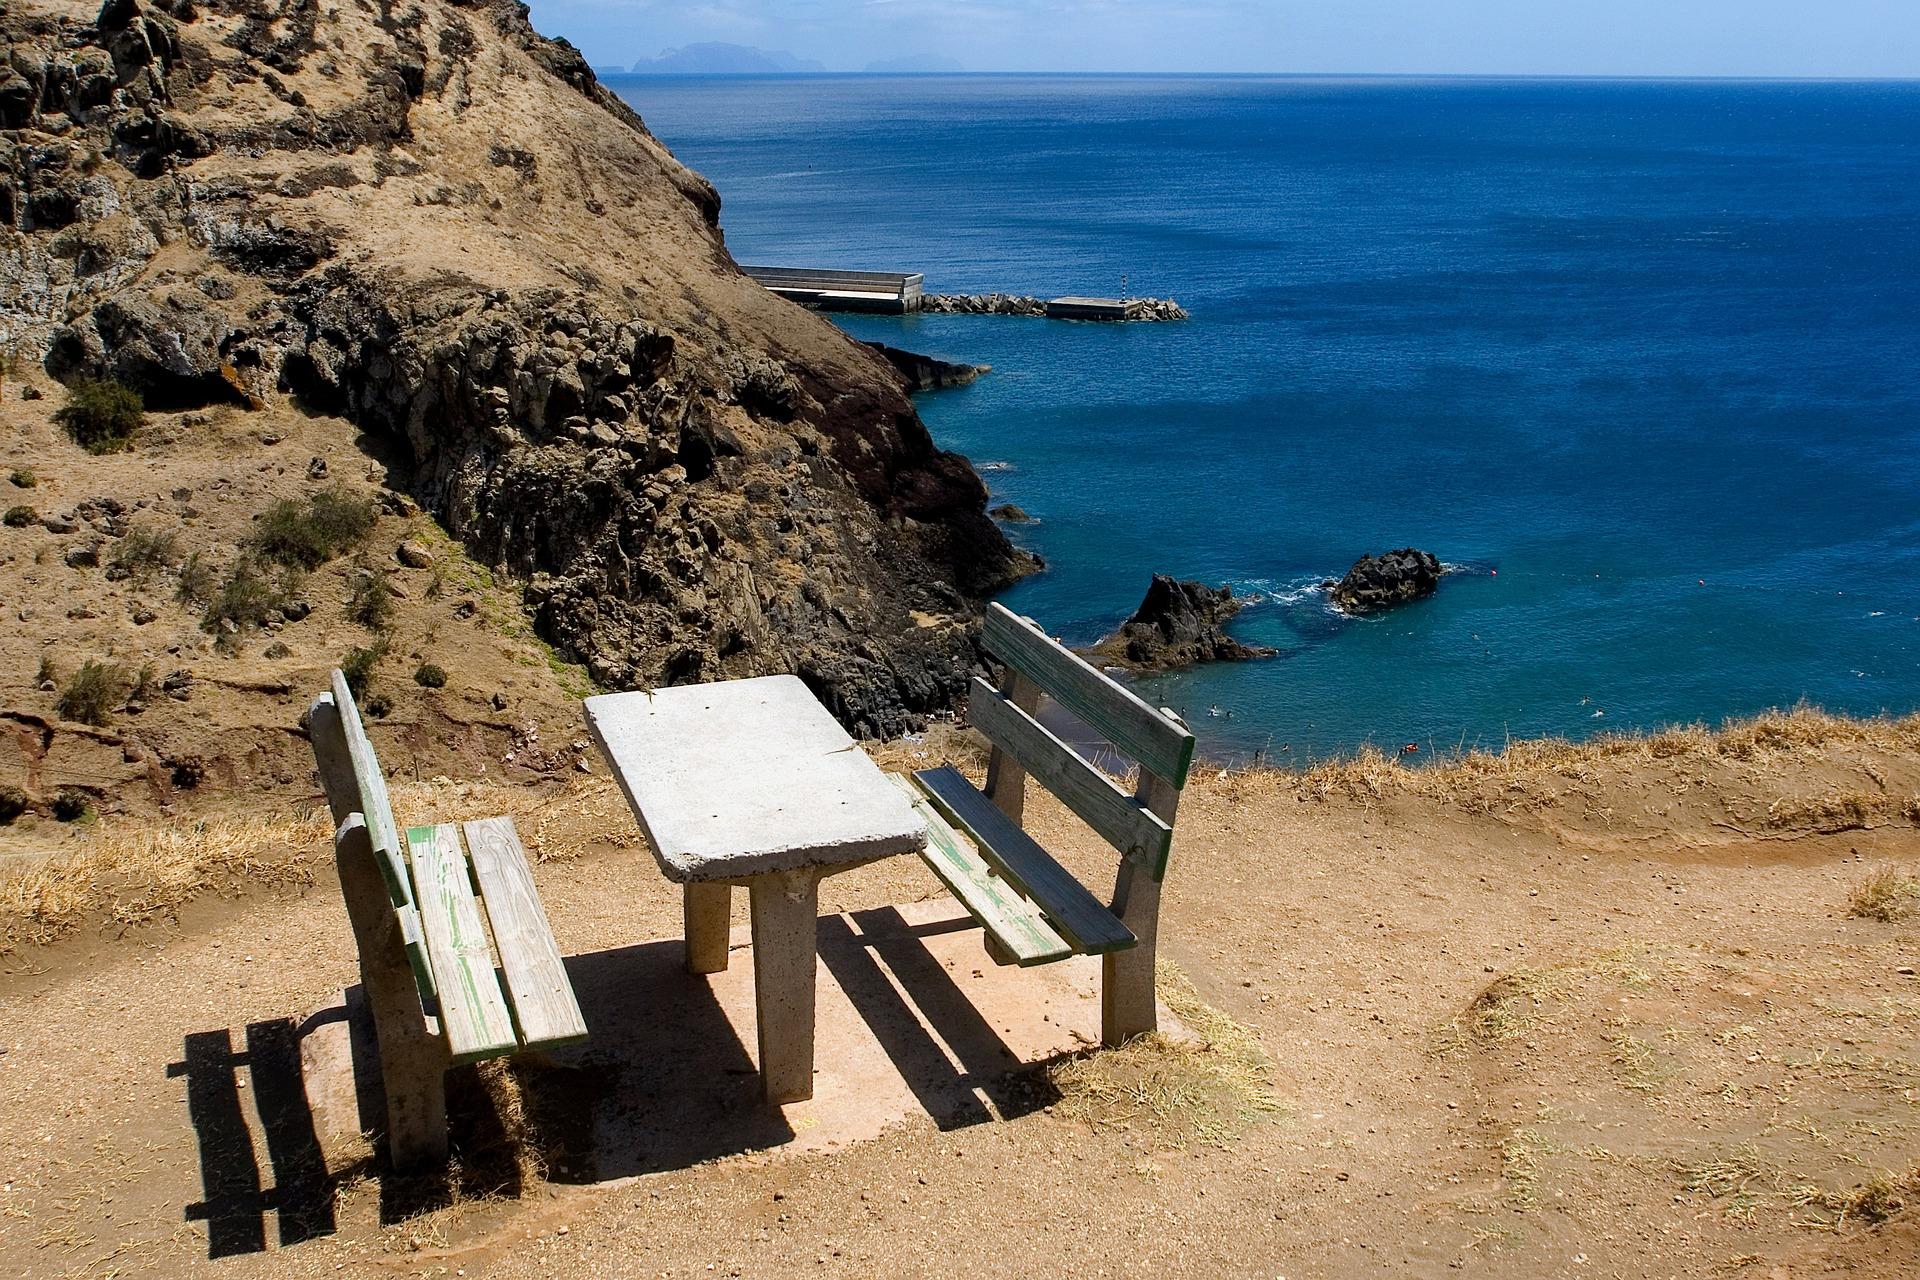 Wandern auf Madeira: Auch für Ruhepausen ist gesorgt. Immer wieder finden Sie Rastplätze vor atemberaubender Kulisse